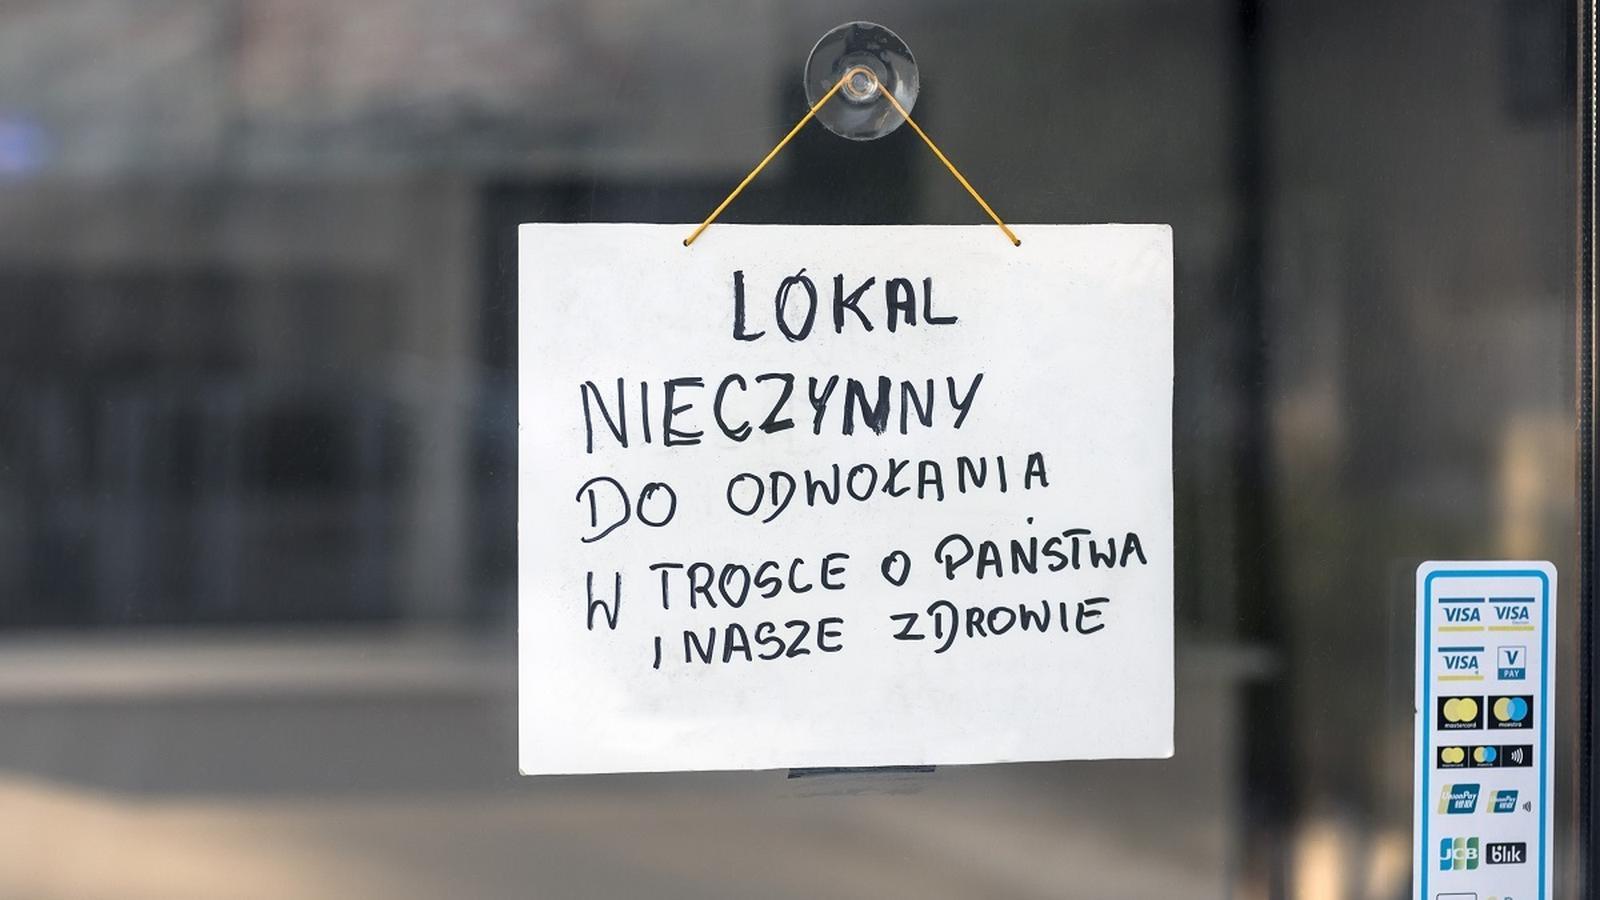 Kolejny lockdown w Polsce? Gospodarka tego nie wytrzyma